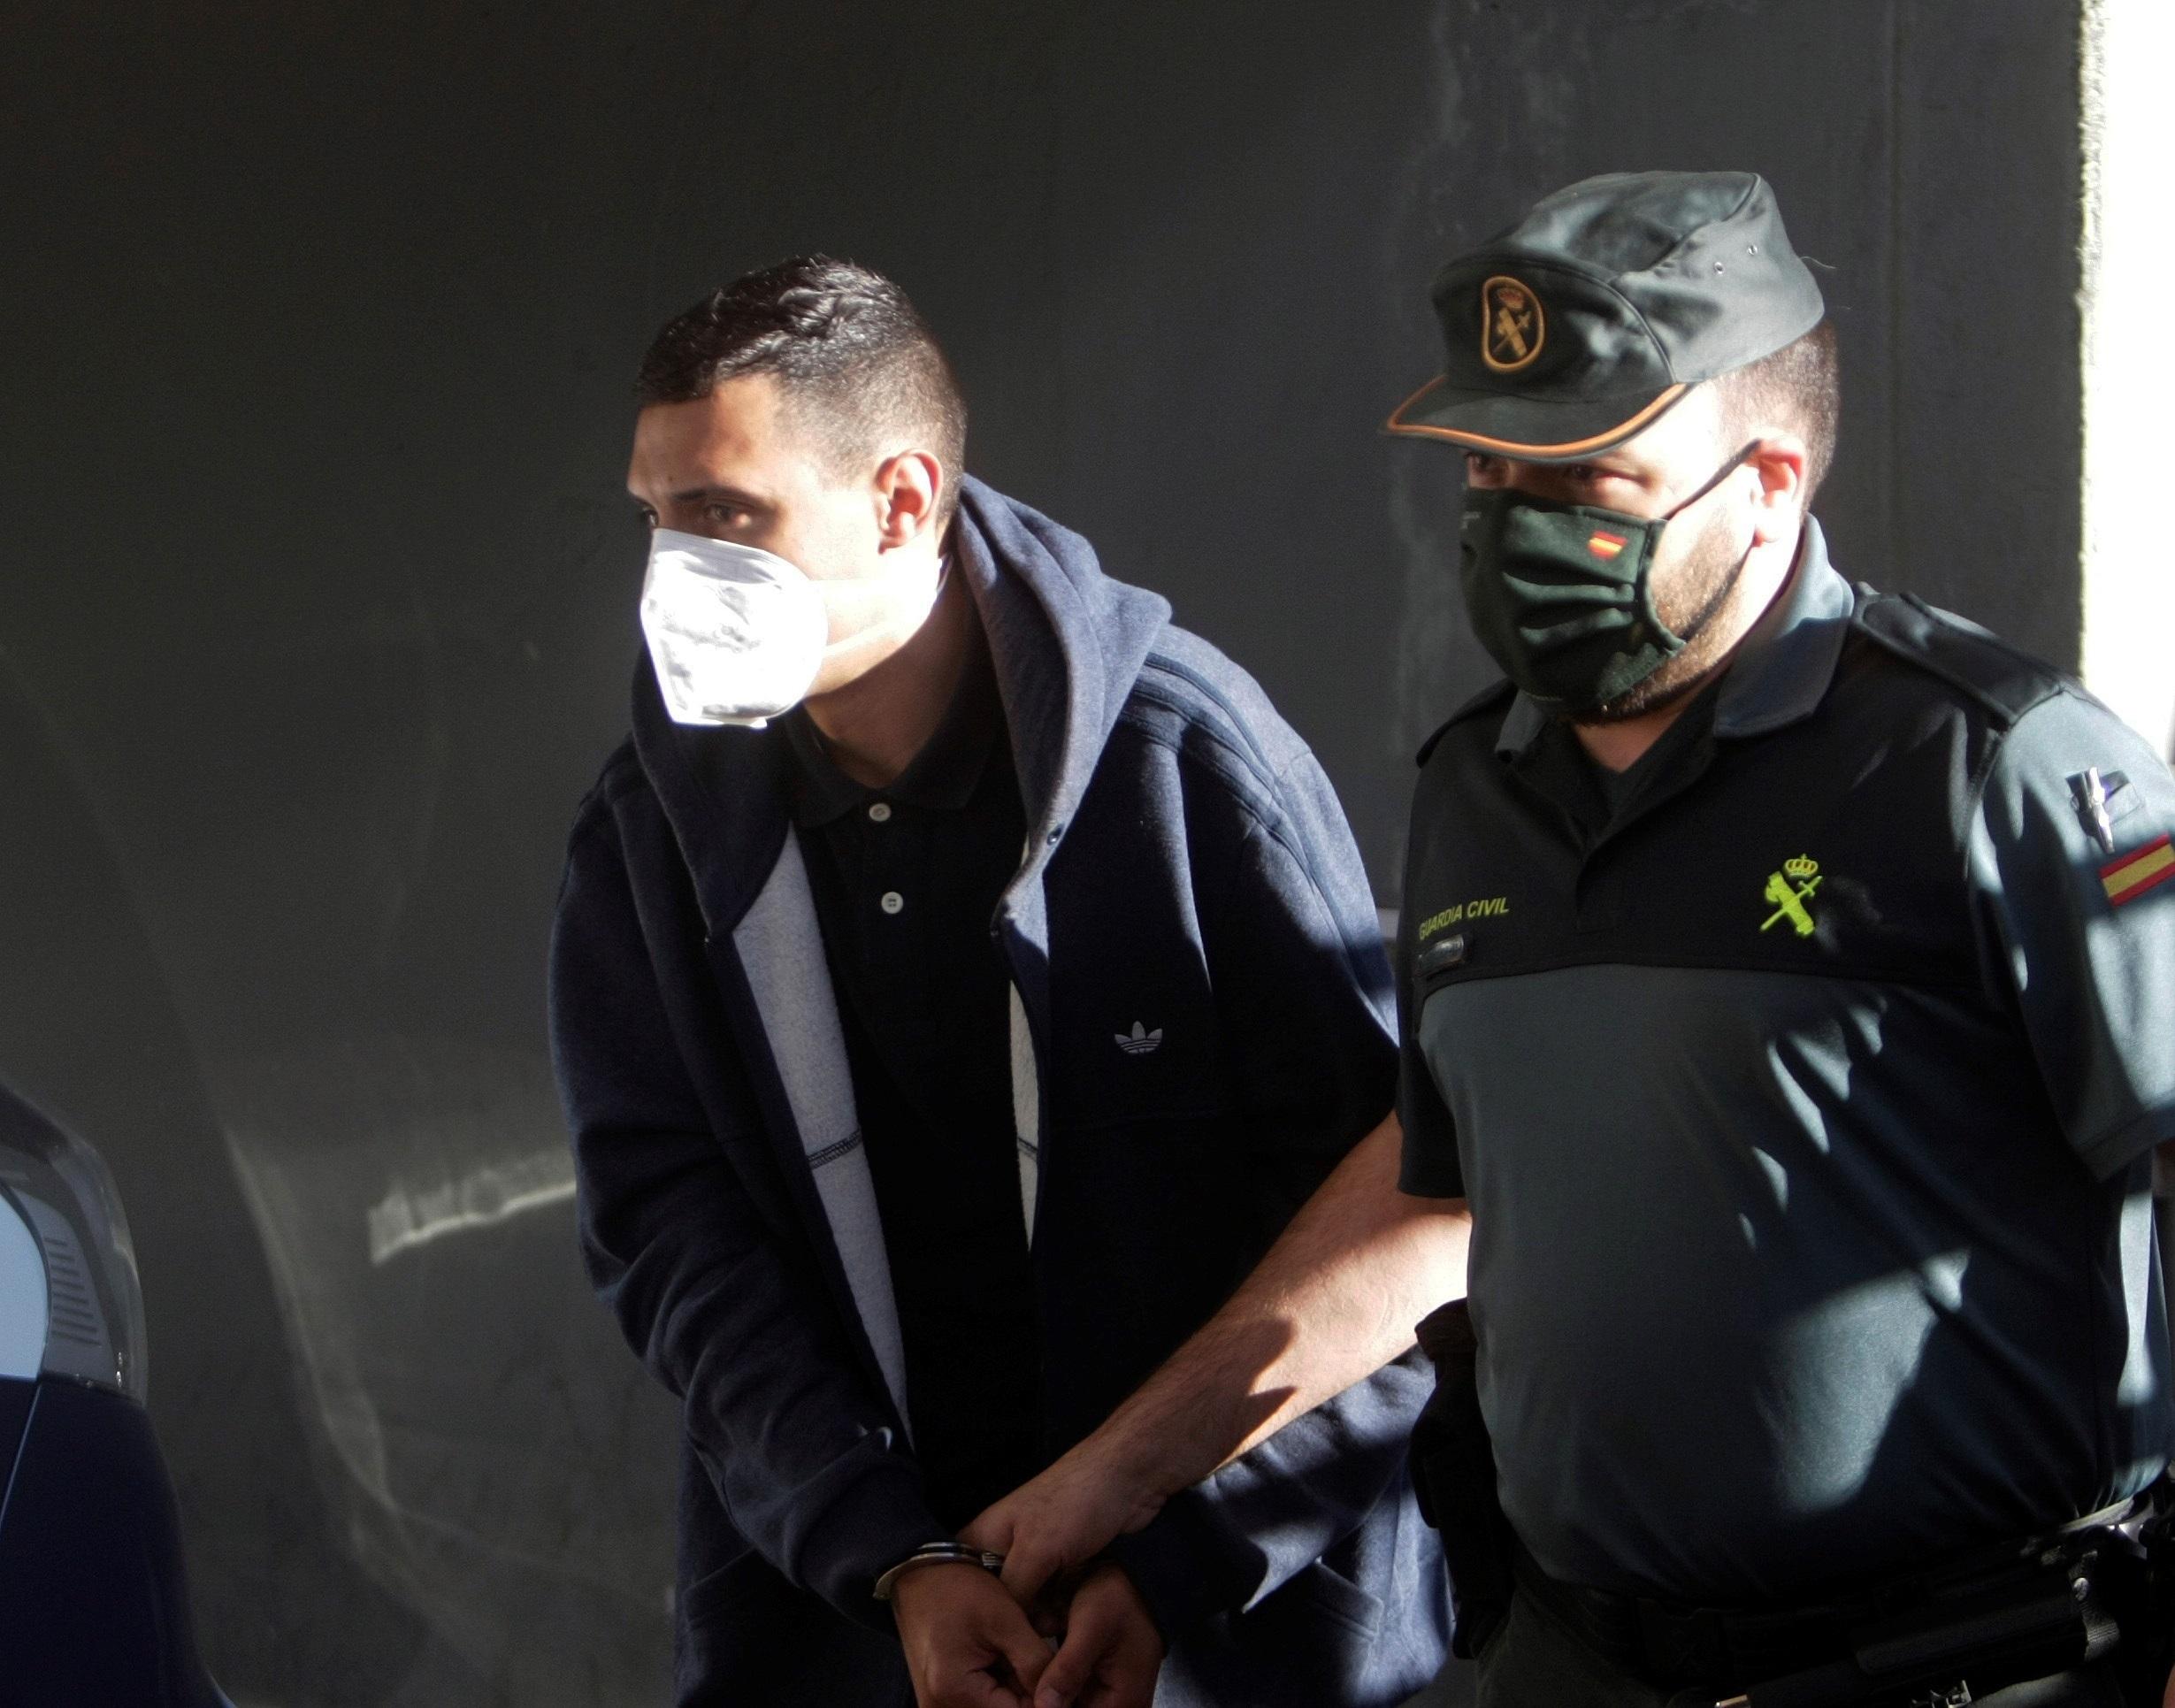 Un guardia civil escolta este viernes hacia el juzgado a uno de los detenidos por el crimen de Samuel Luiz.